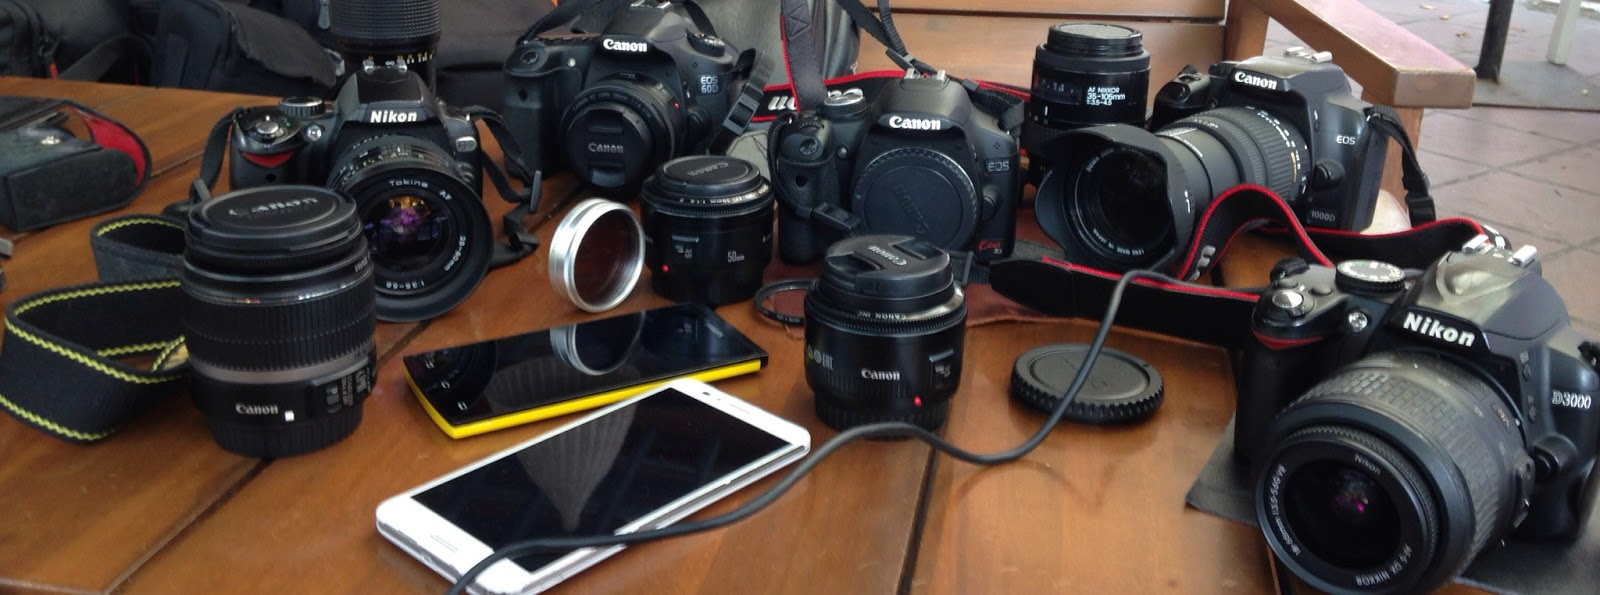 Cho thuê máy ảnh DSLR luôn phấn đấu để phục vụ quý khách bằng niềm tự